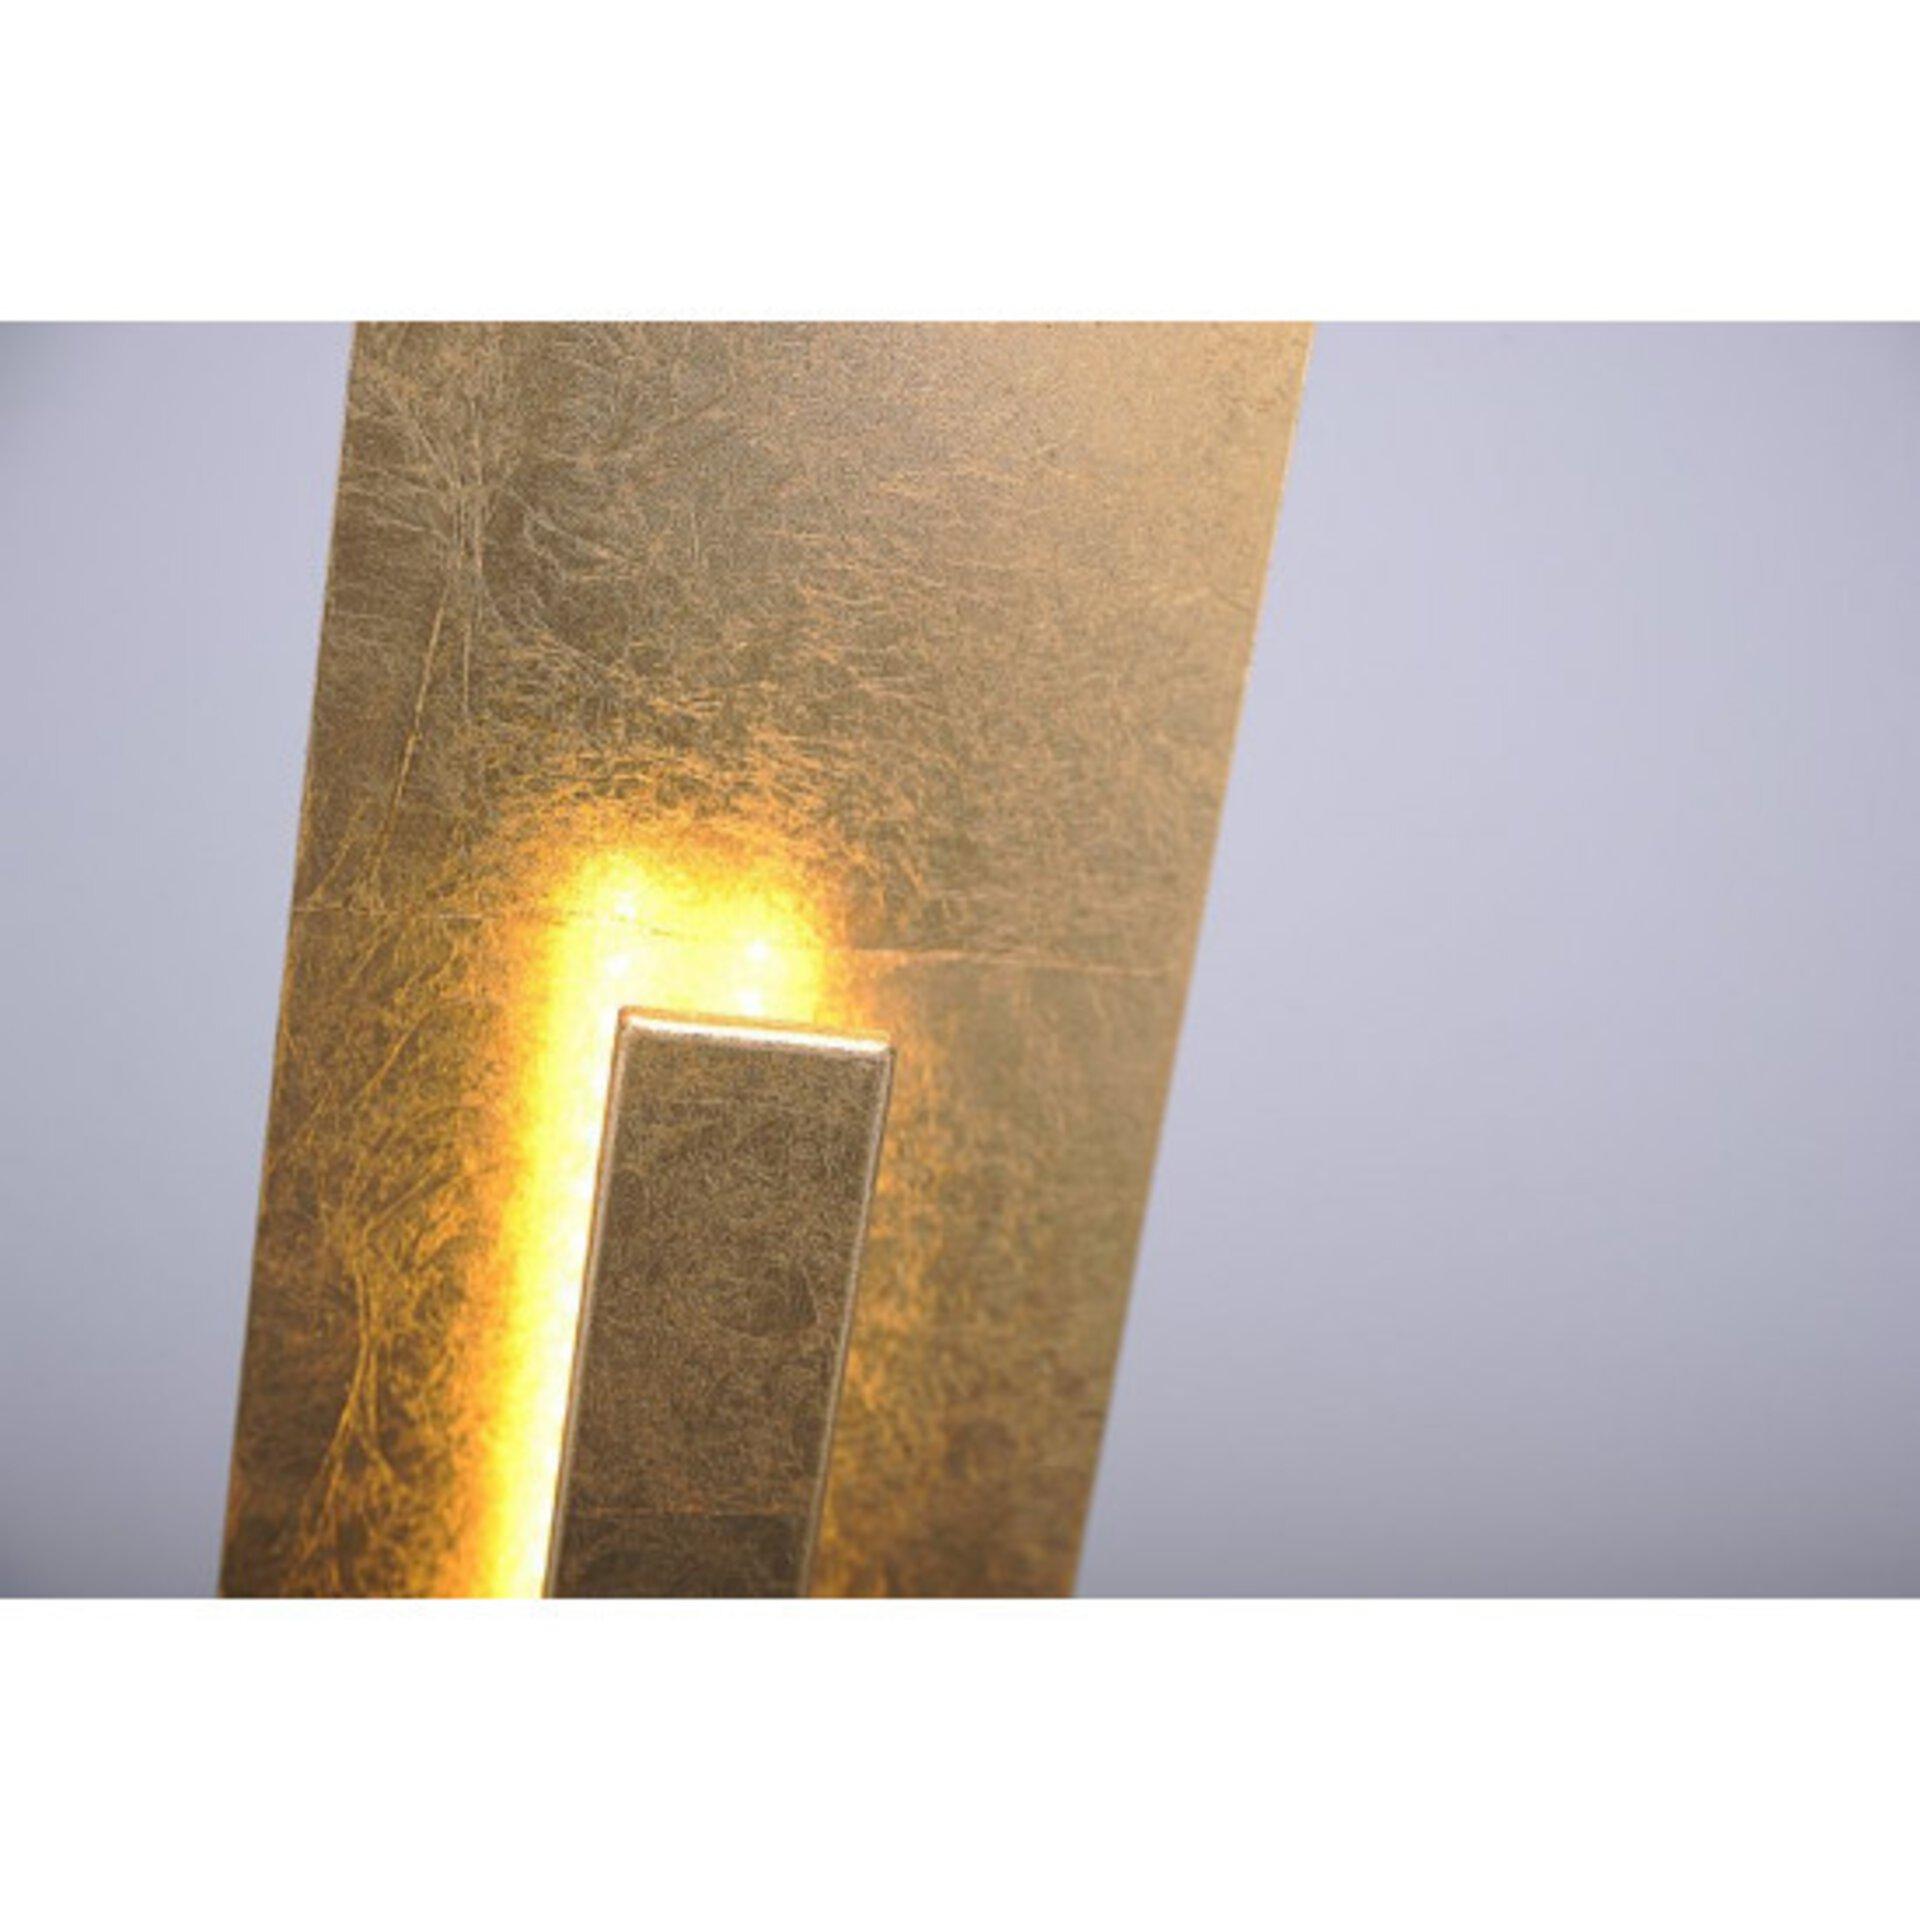 Stehleuchte NEVIS Paul Neuhaus Metall gold 26 x 141 x 26 cm